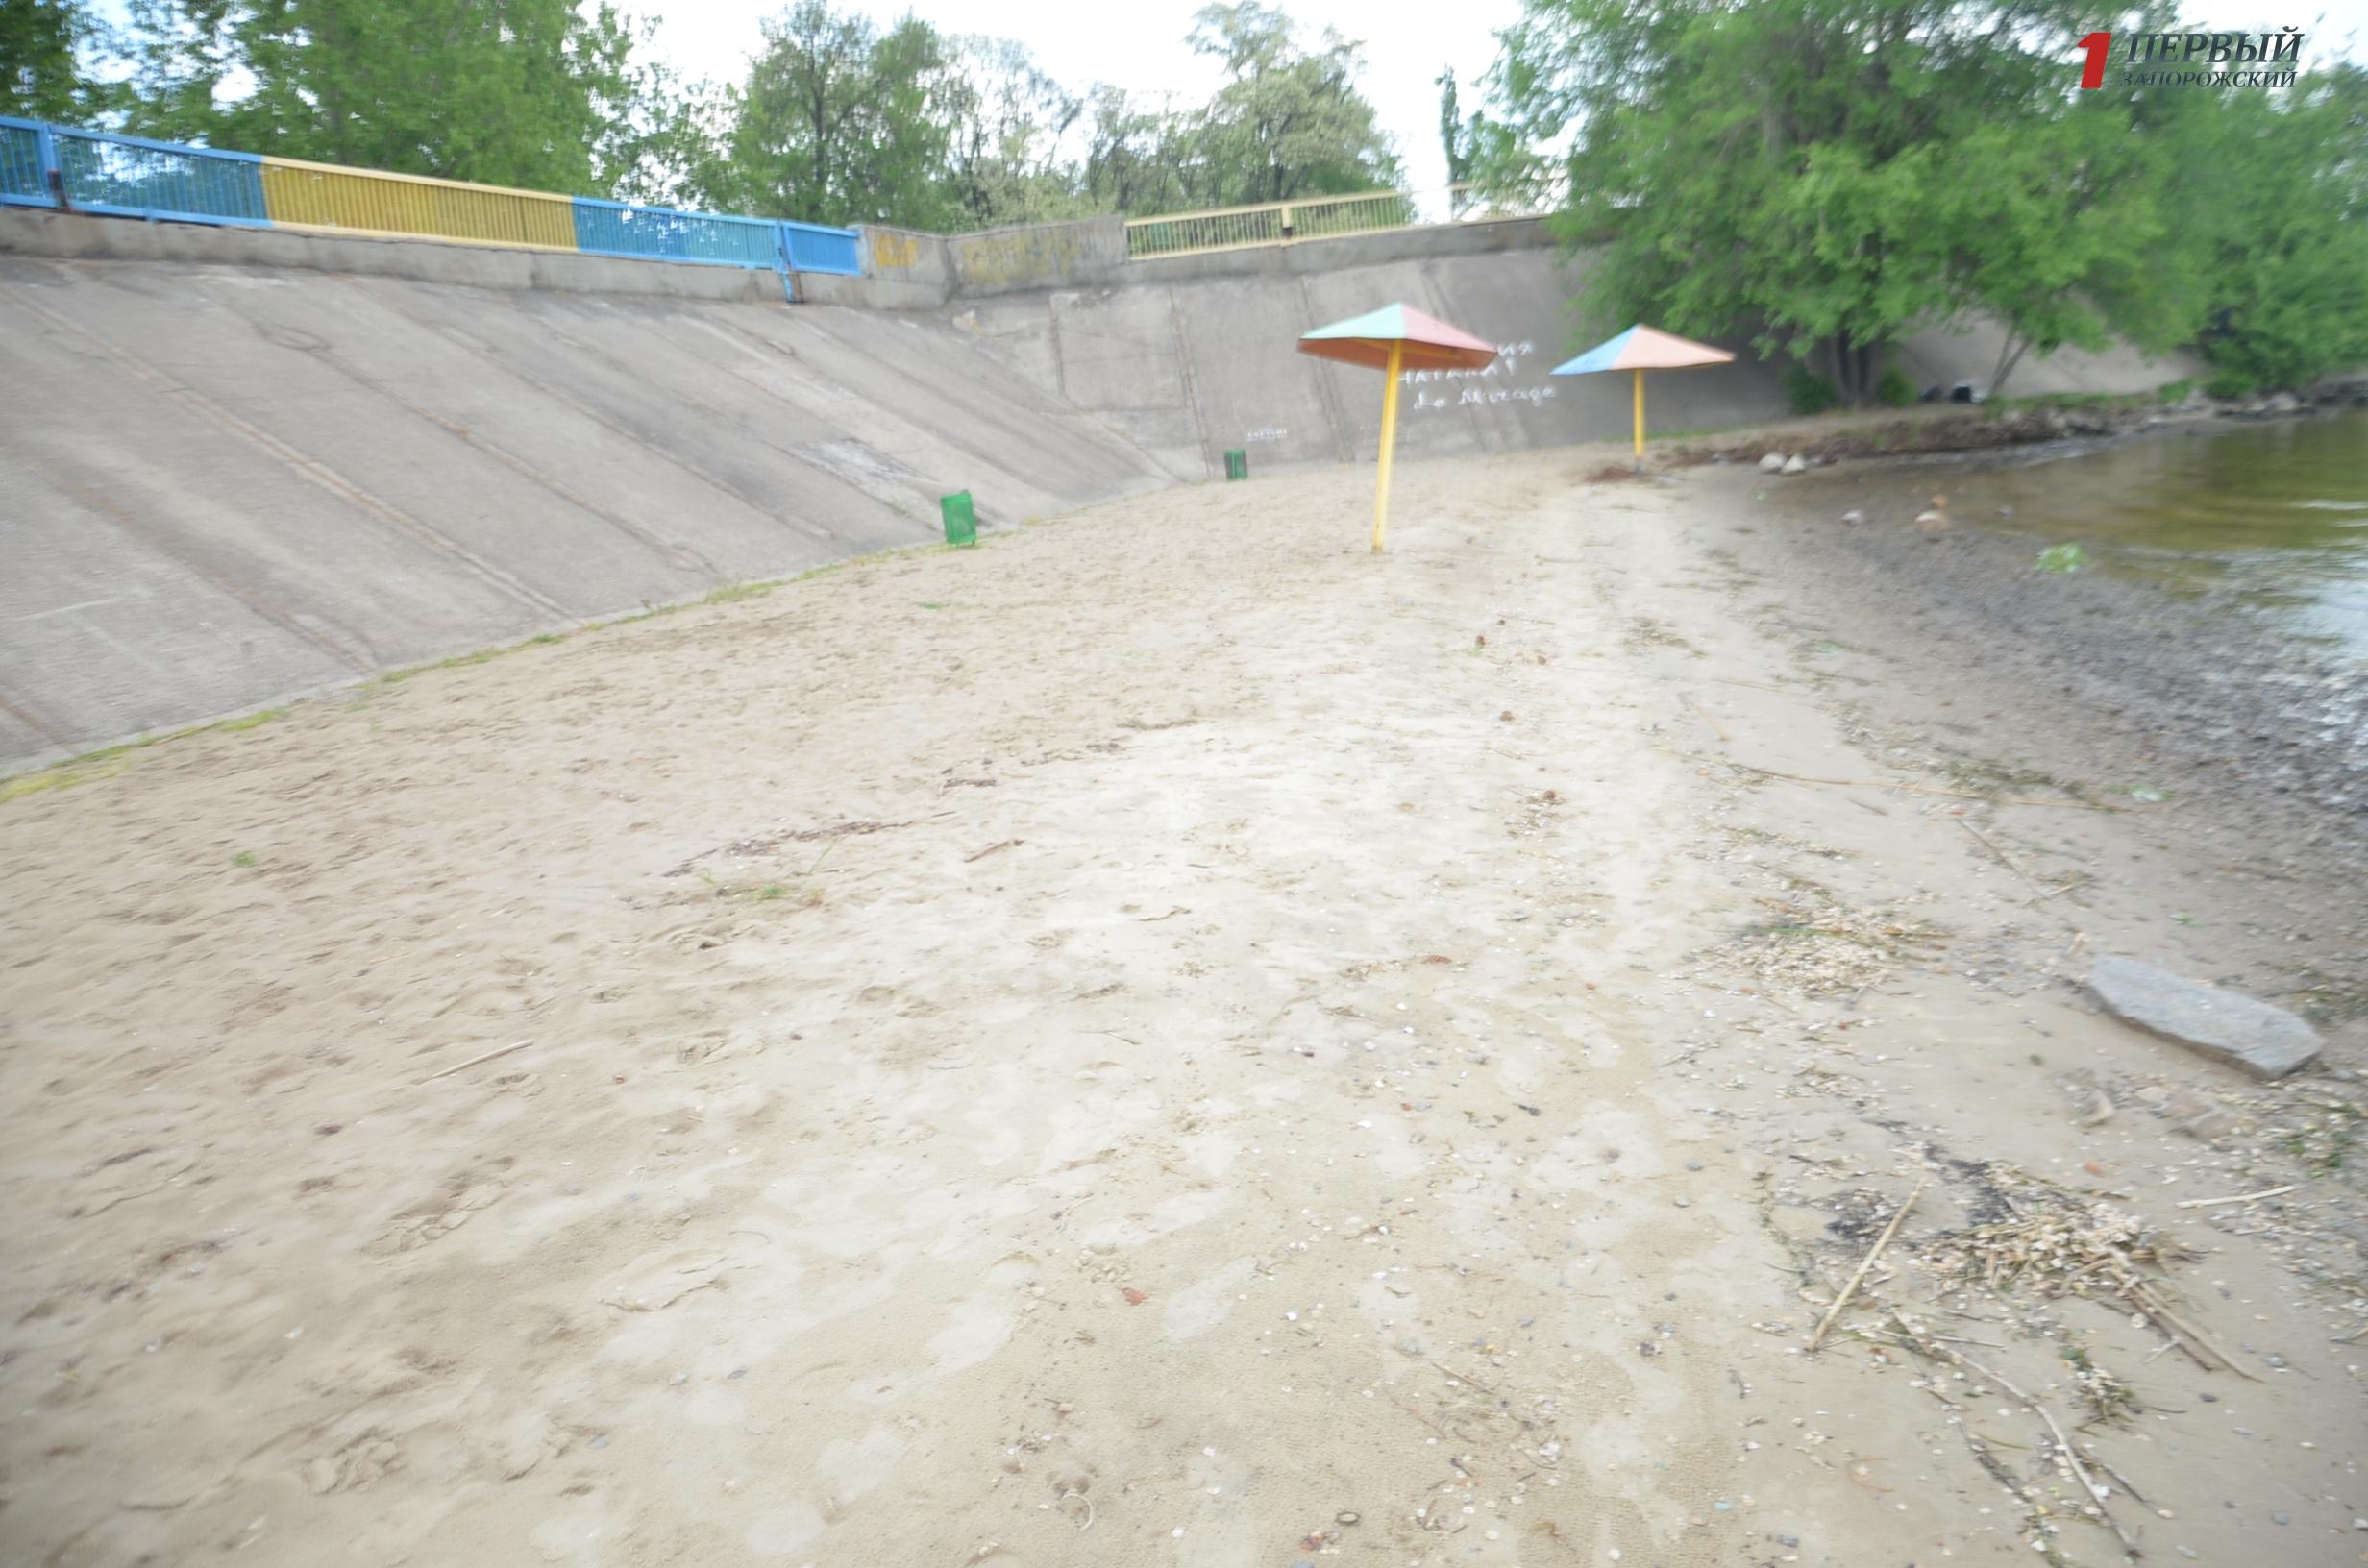 В надежде на реконструкцию: как на старте летнего сезона выглядит Правобережный пляж - ФОТОРЕПОРТАЖ